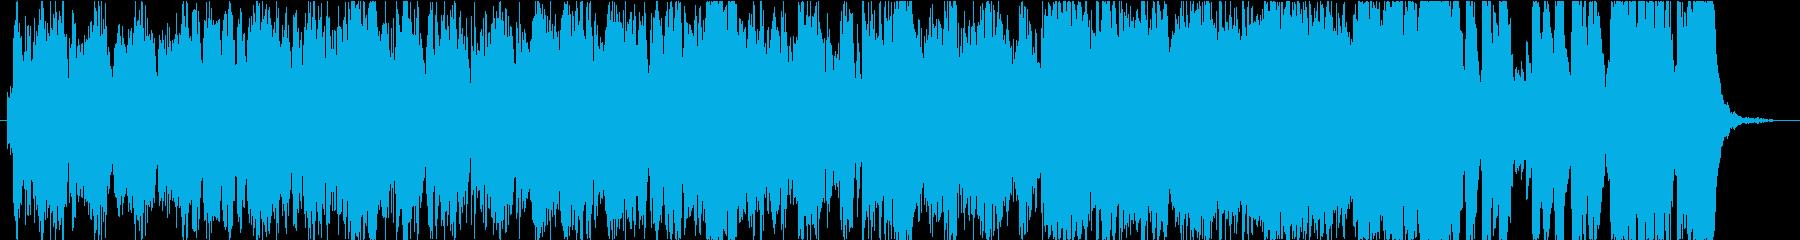 作戦会議、推理シーンなどの緊迫したオケ曲の再生済みの波形